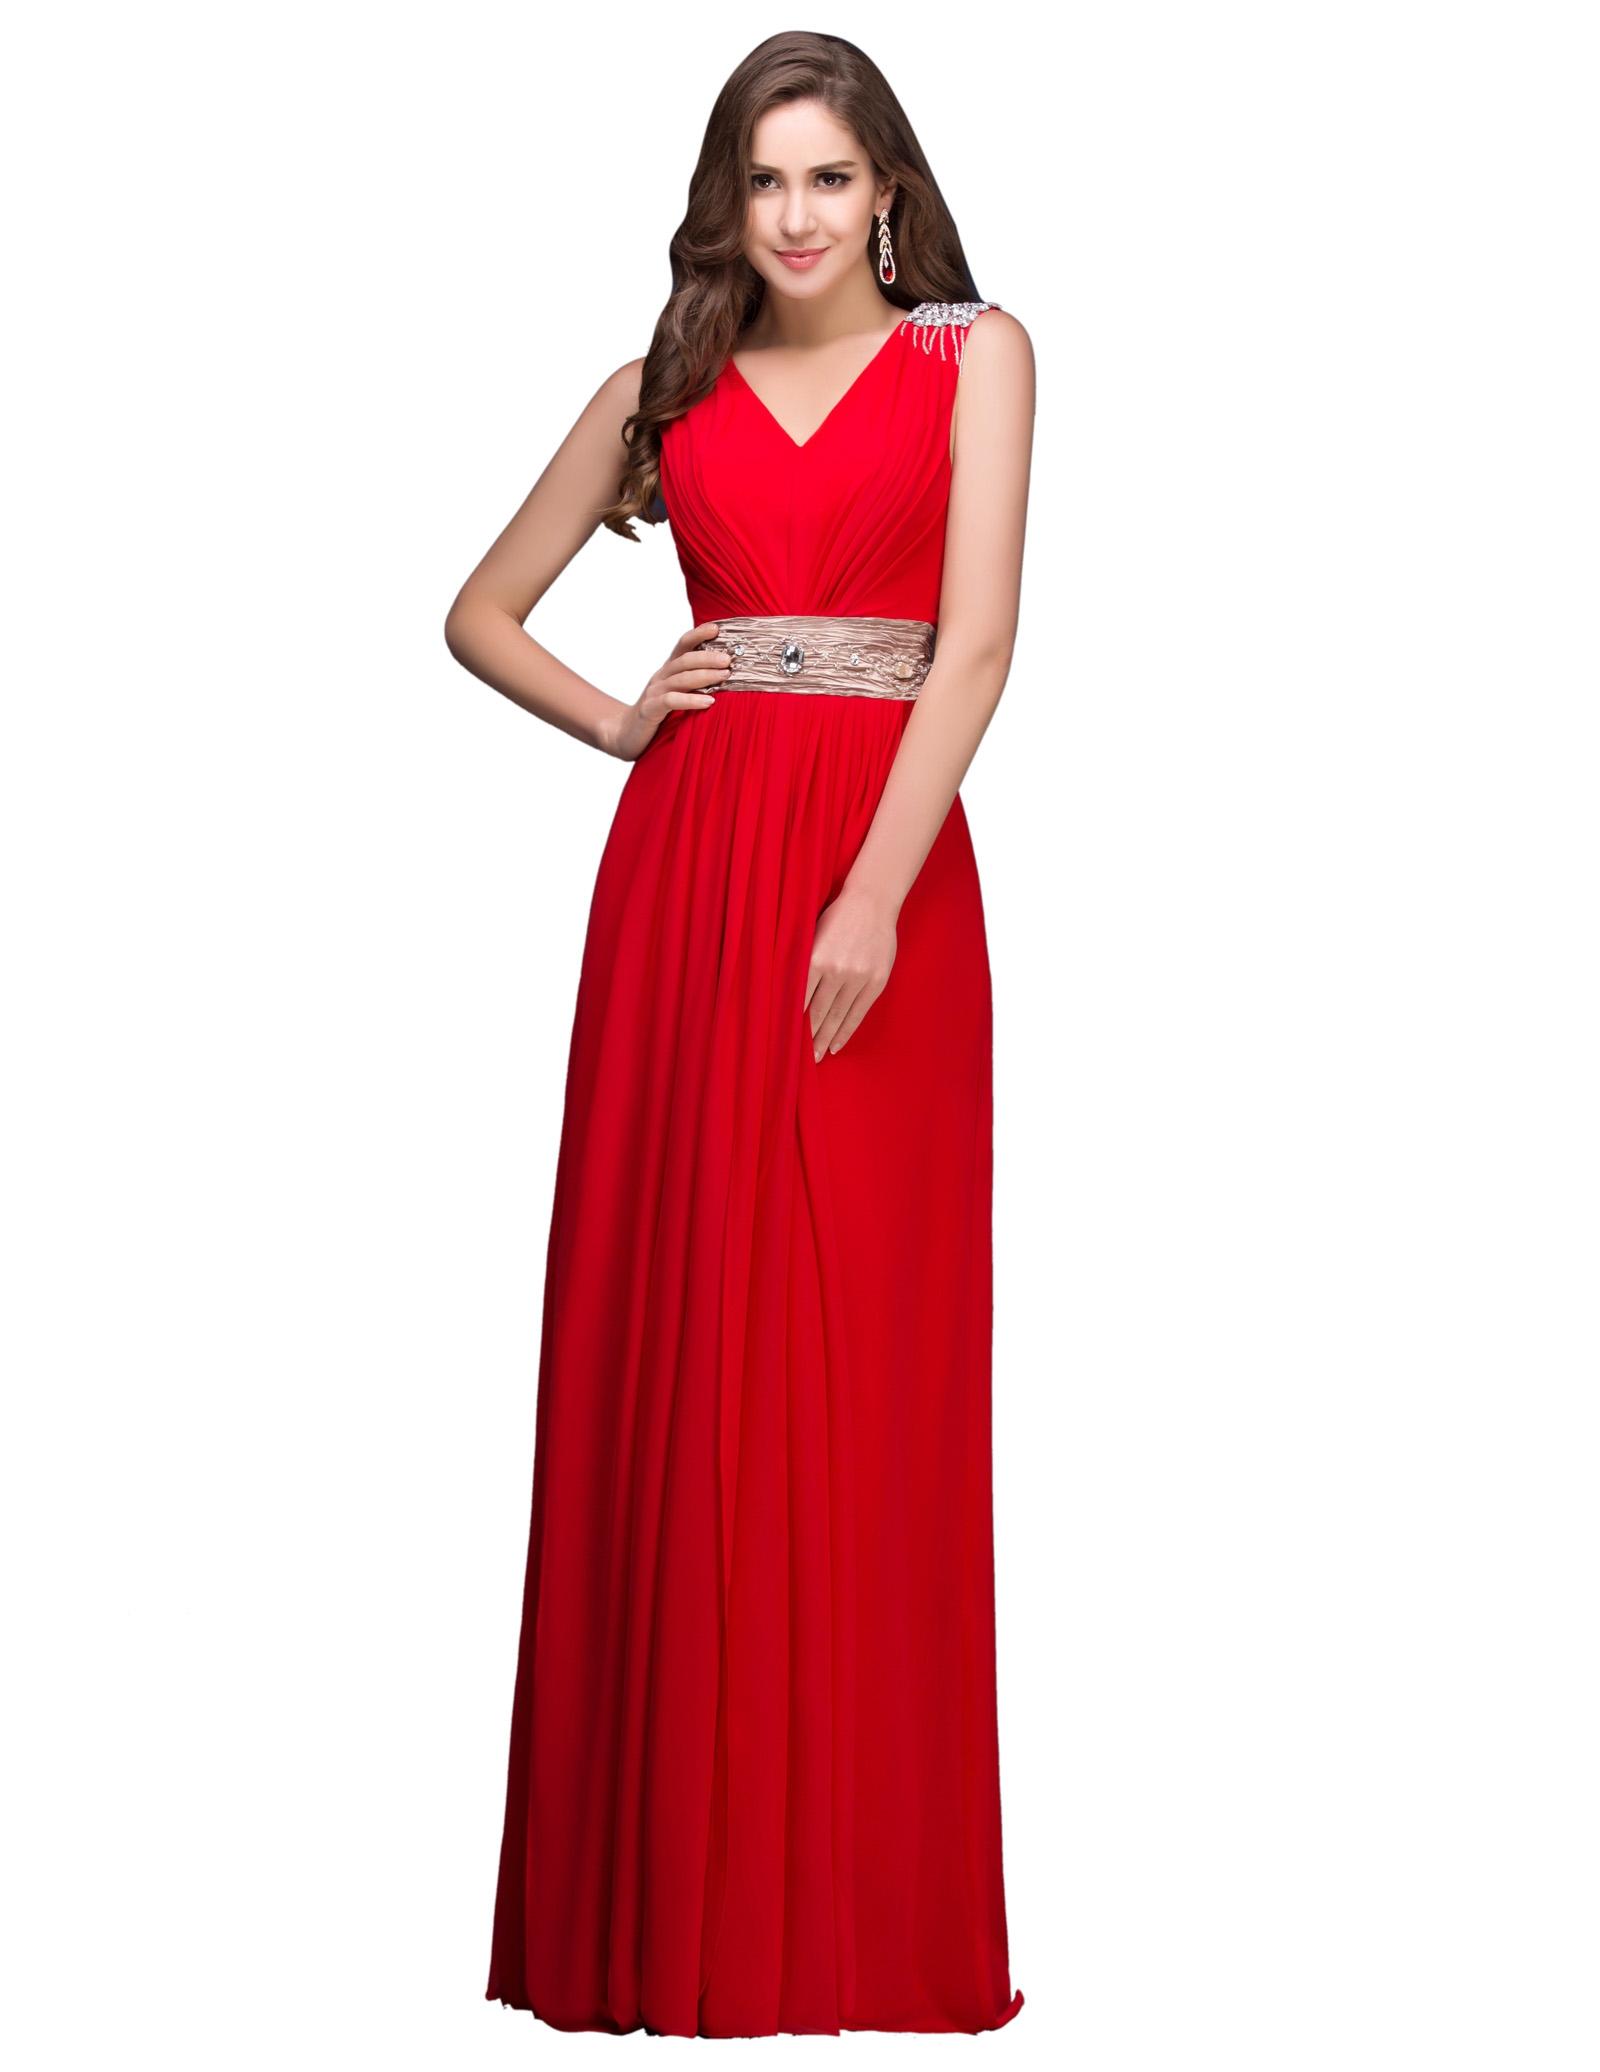 86371e1ad8 Czerwona długa suknia w stylu greckim - Sklep internetowy StyliJa